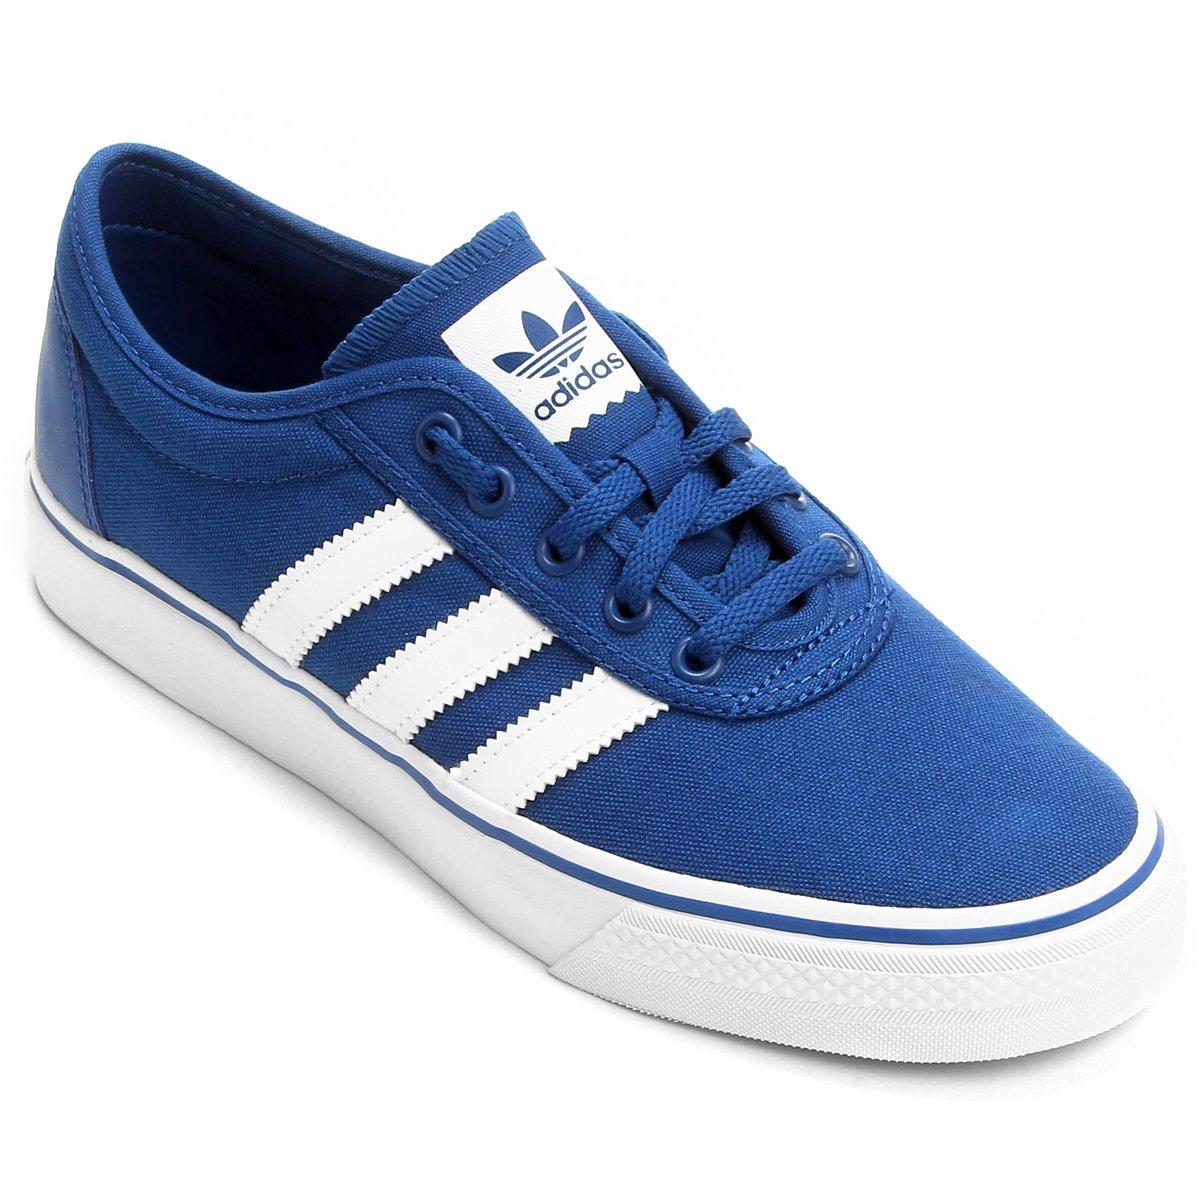 3dd5e4f5ee8e4 Tênis Adiease adidas Azul Nota Fiscal Confortável Original - R  362 ...